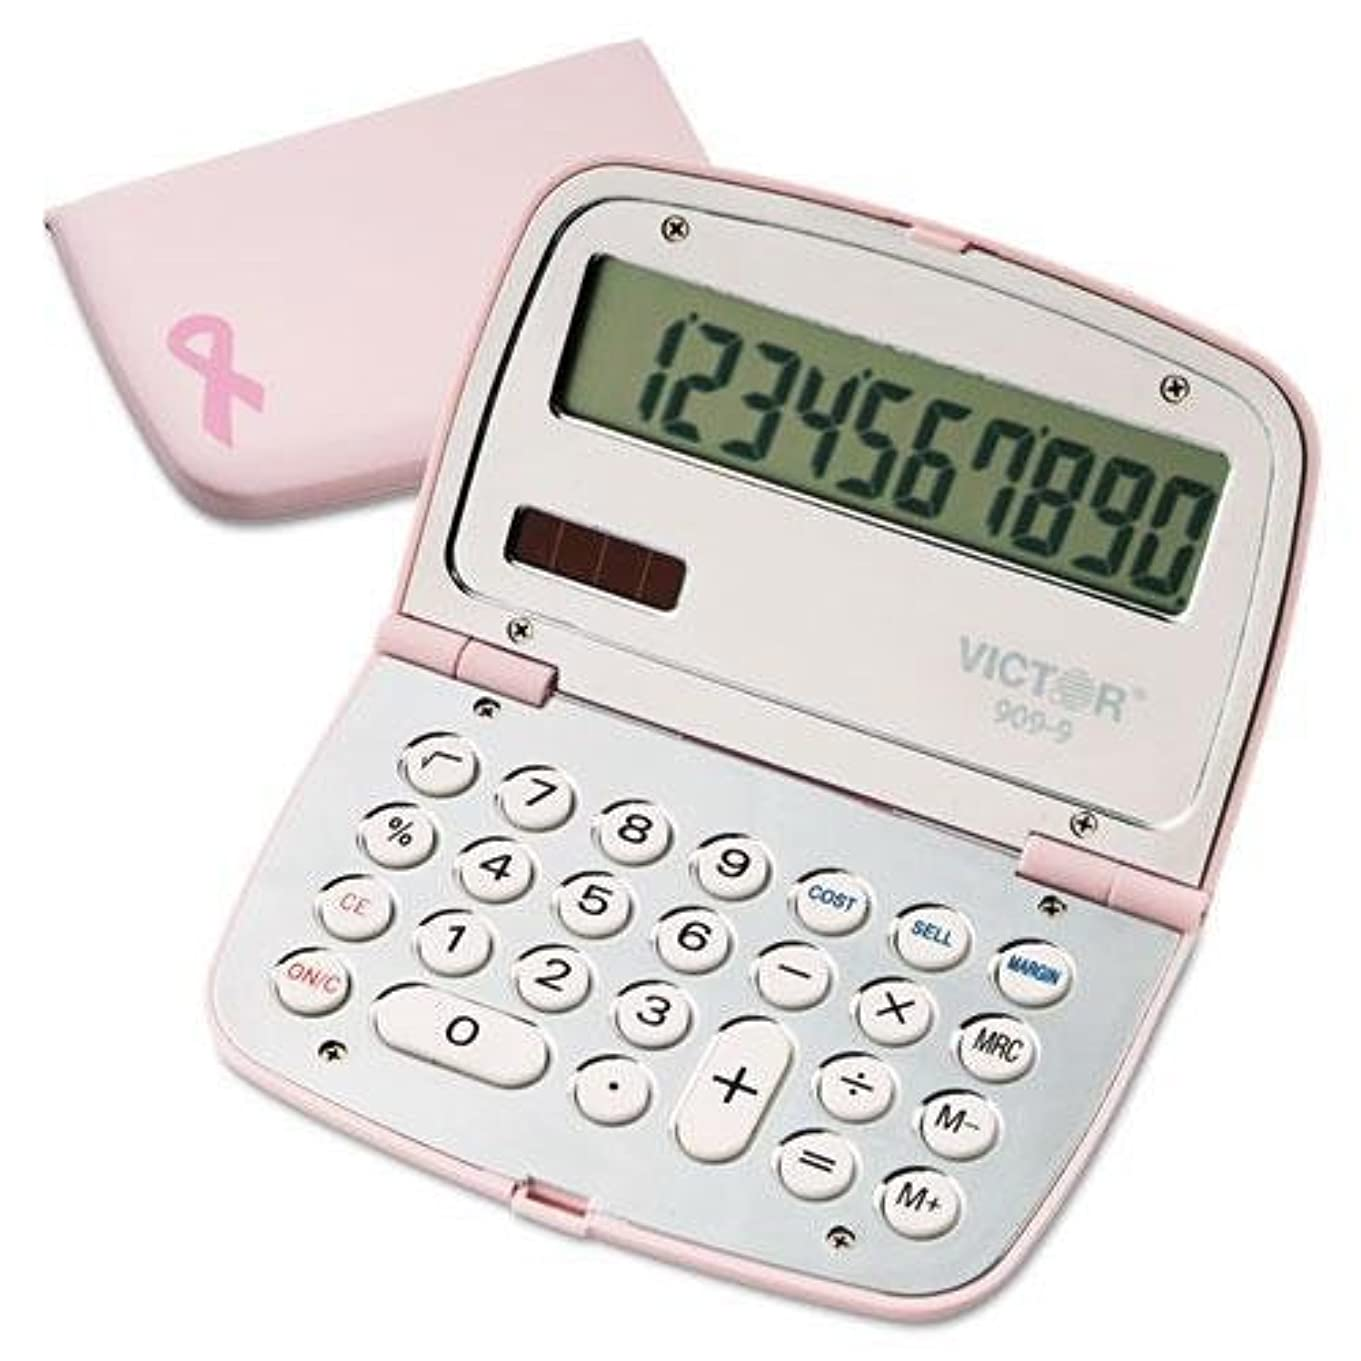 肝ピンク些細なVictor 9099?909?–?9?Limited Editionピンクコンパクト電卓、10桁LCD